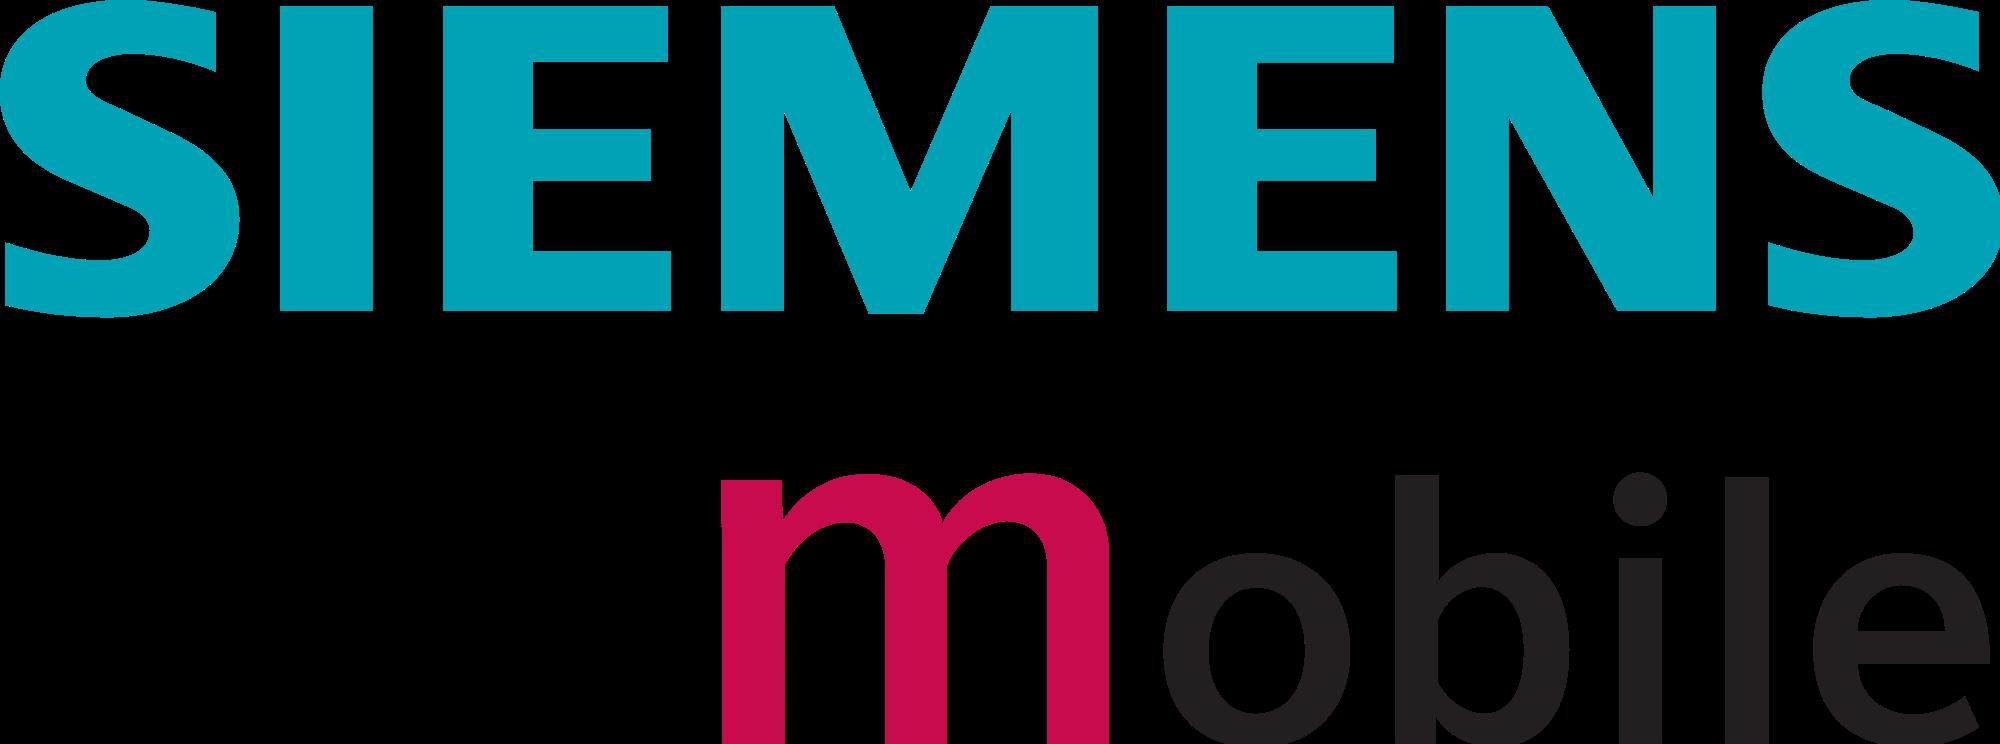 Siemens PNG - 96978